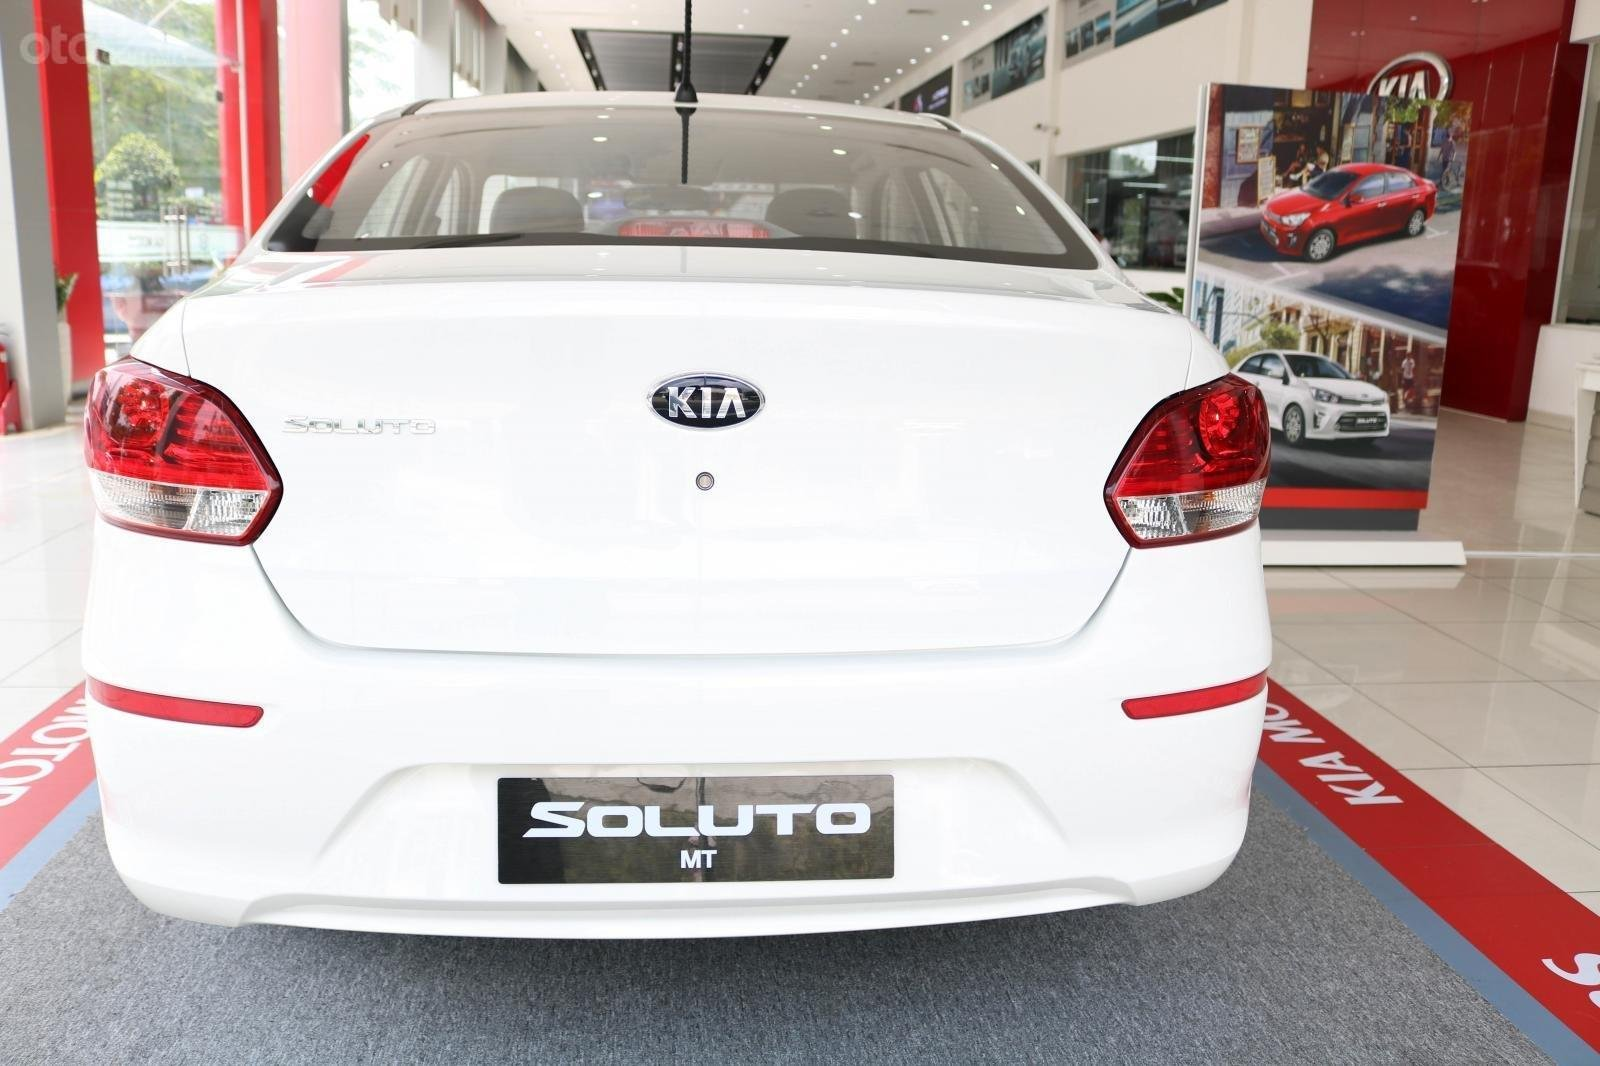 Kia Soluto 2019 số sàn - Có xe giao liền - Đủ màu, tặng phụ kiện + tặng bảo hiểm - Đưa trước 145 triệu (9)